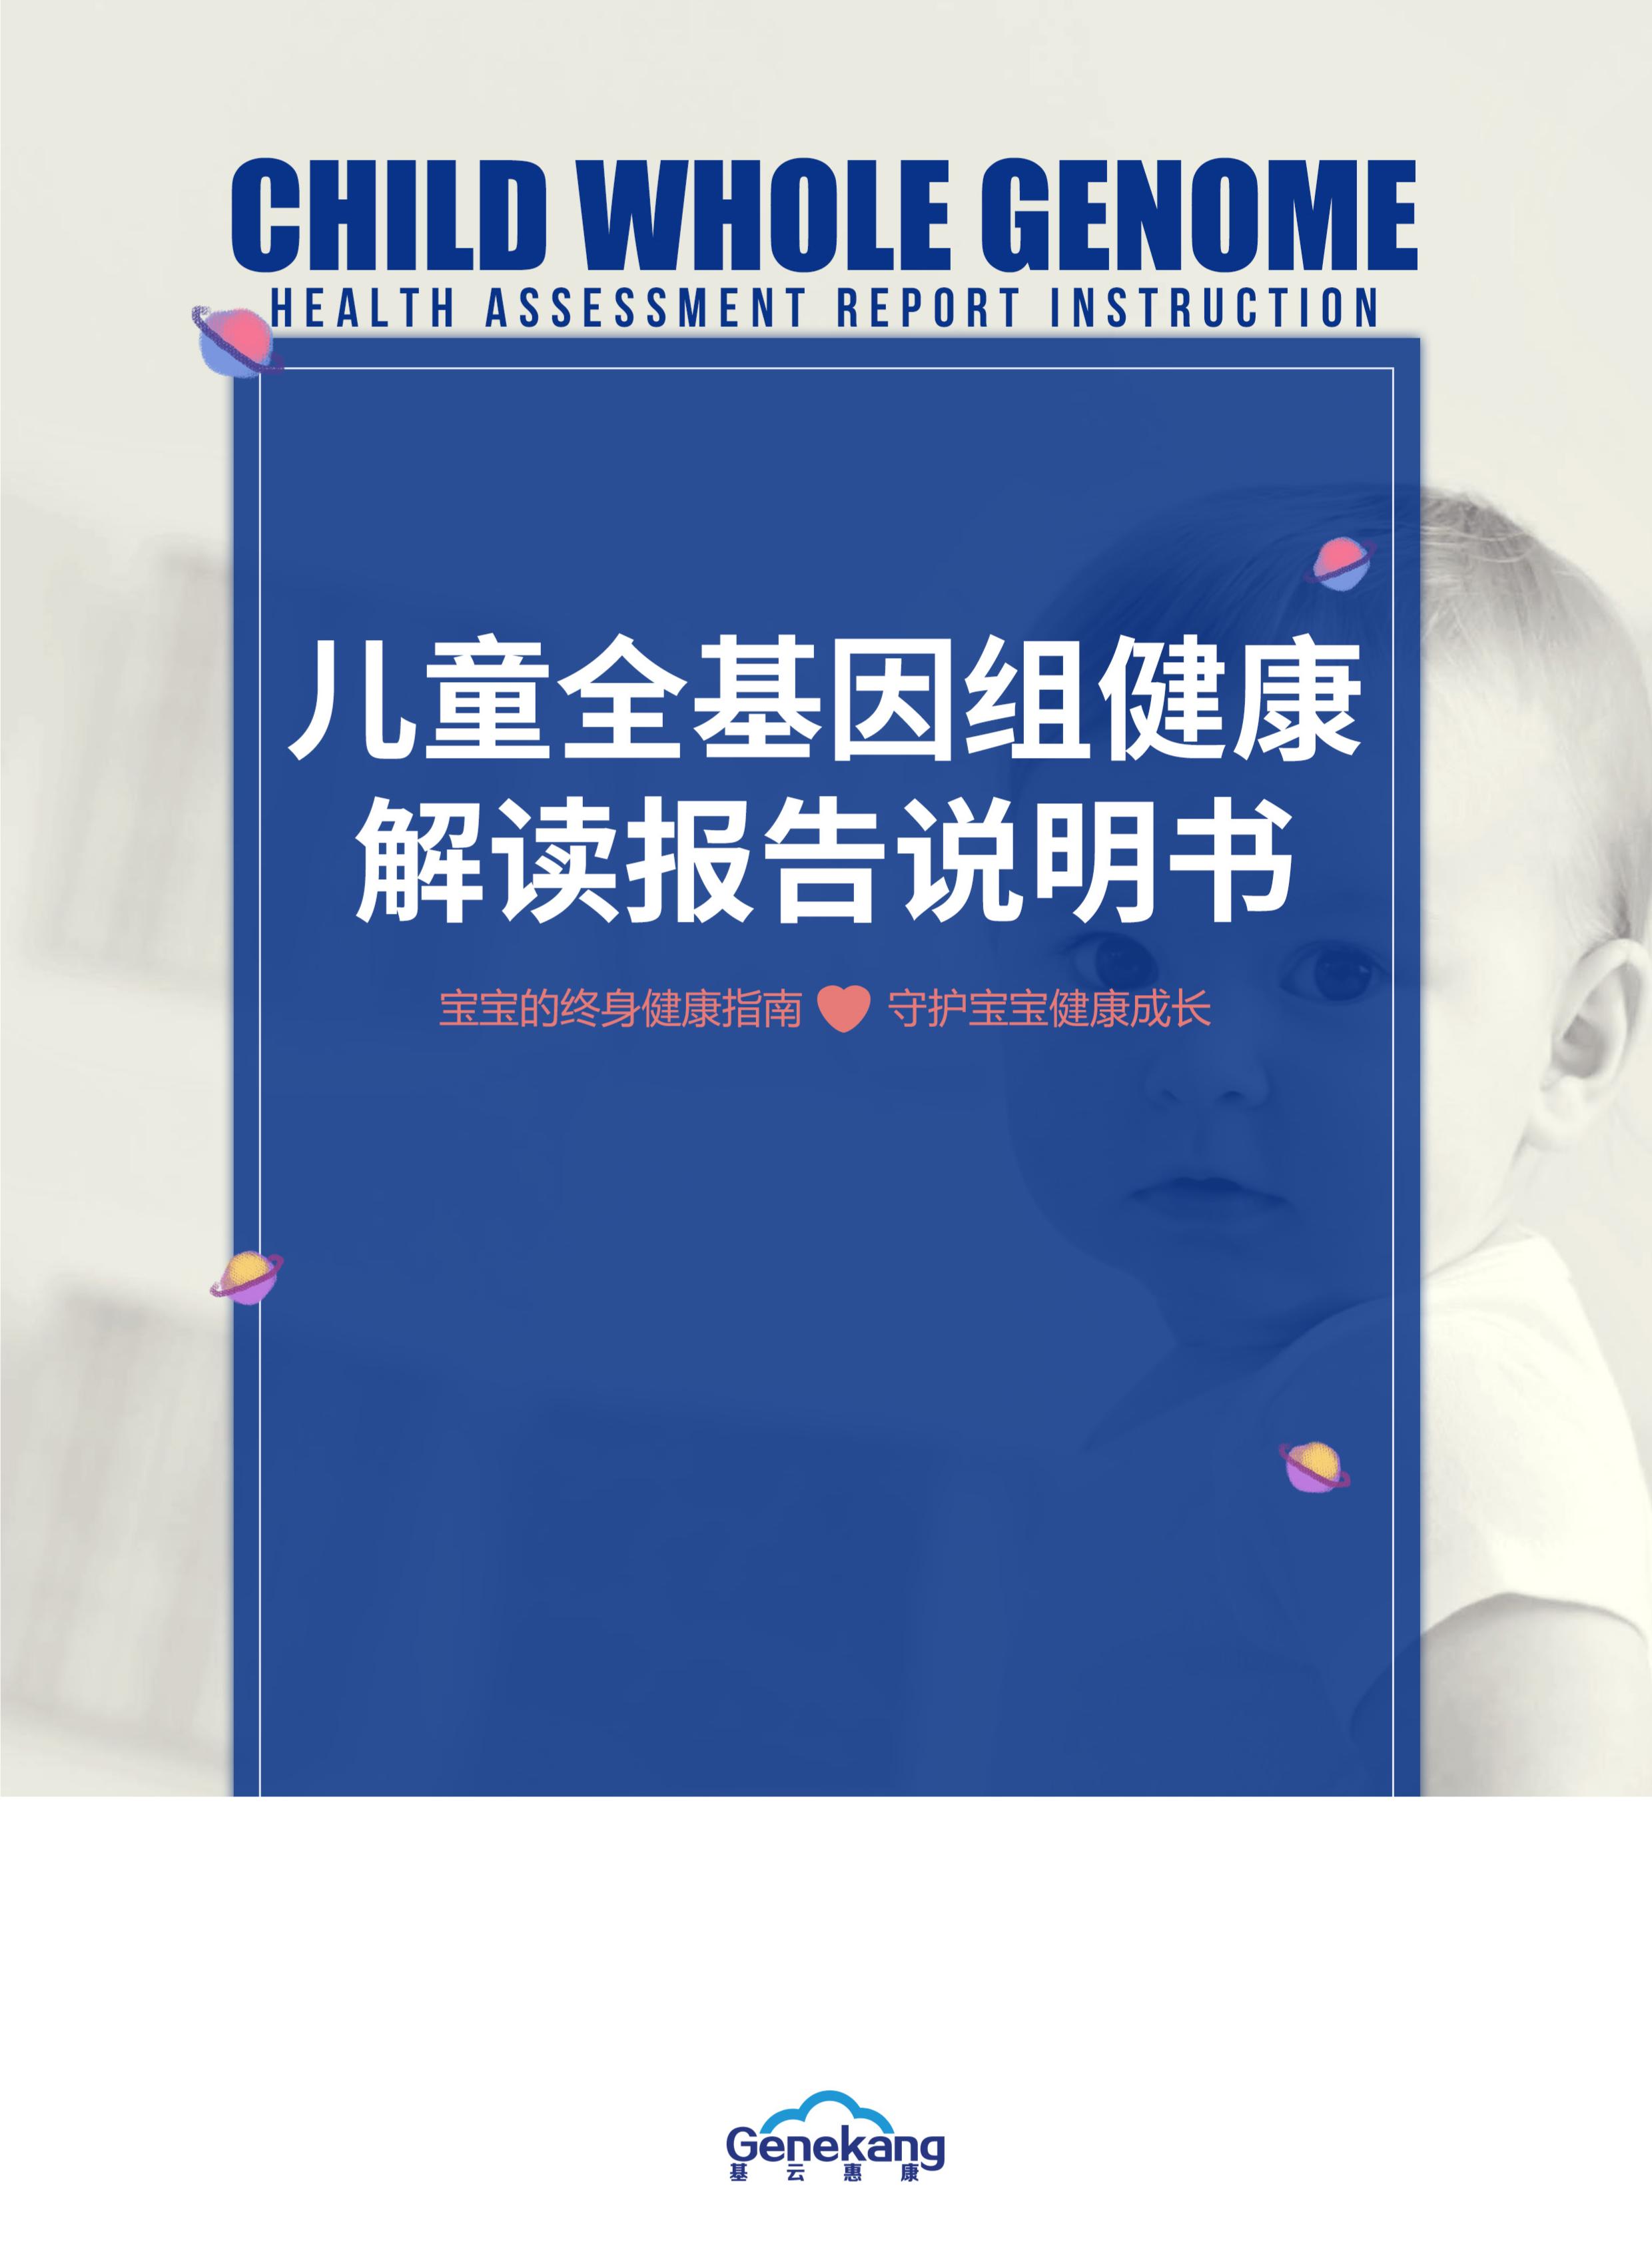 全-儿童全基因组宣传册_1.png